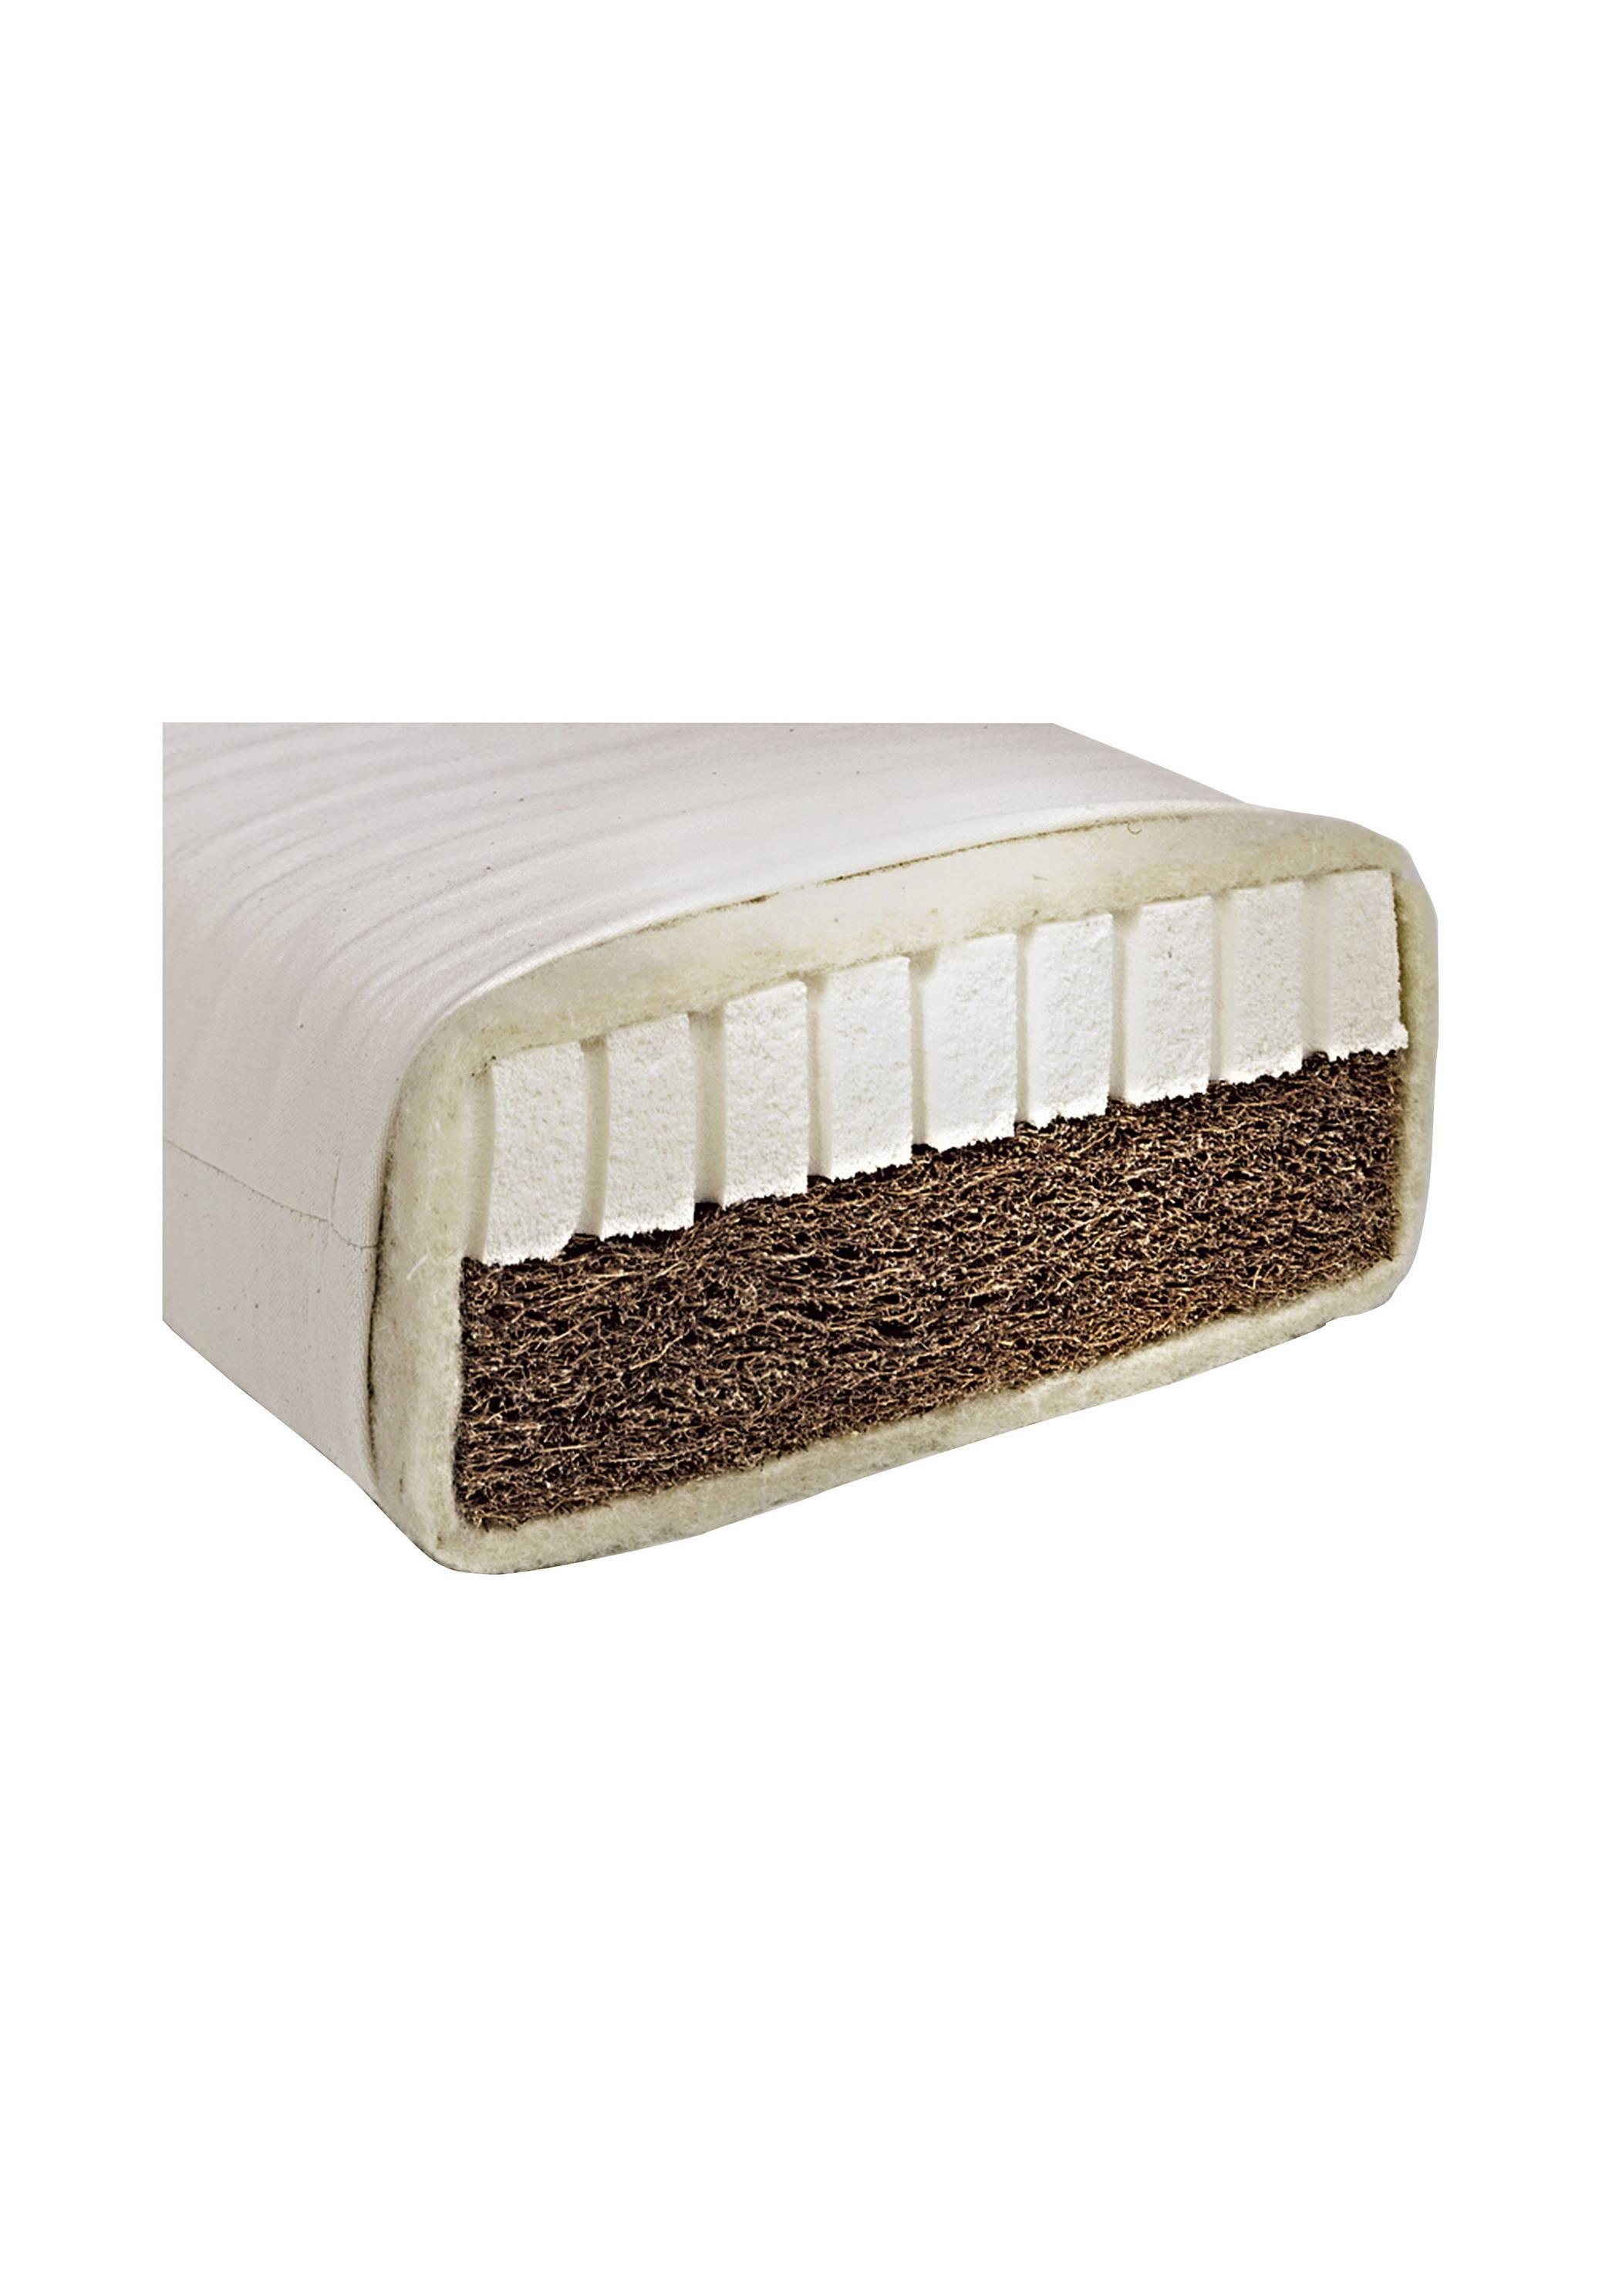 bio matratzen f r kinder hessnatur deutschland. Black Bedroom Furniture Sets. Home Design Ideas